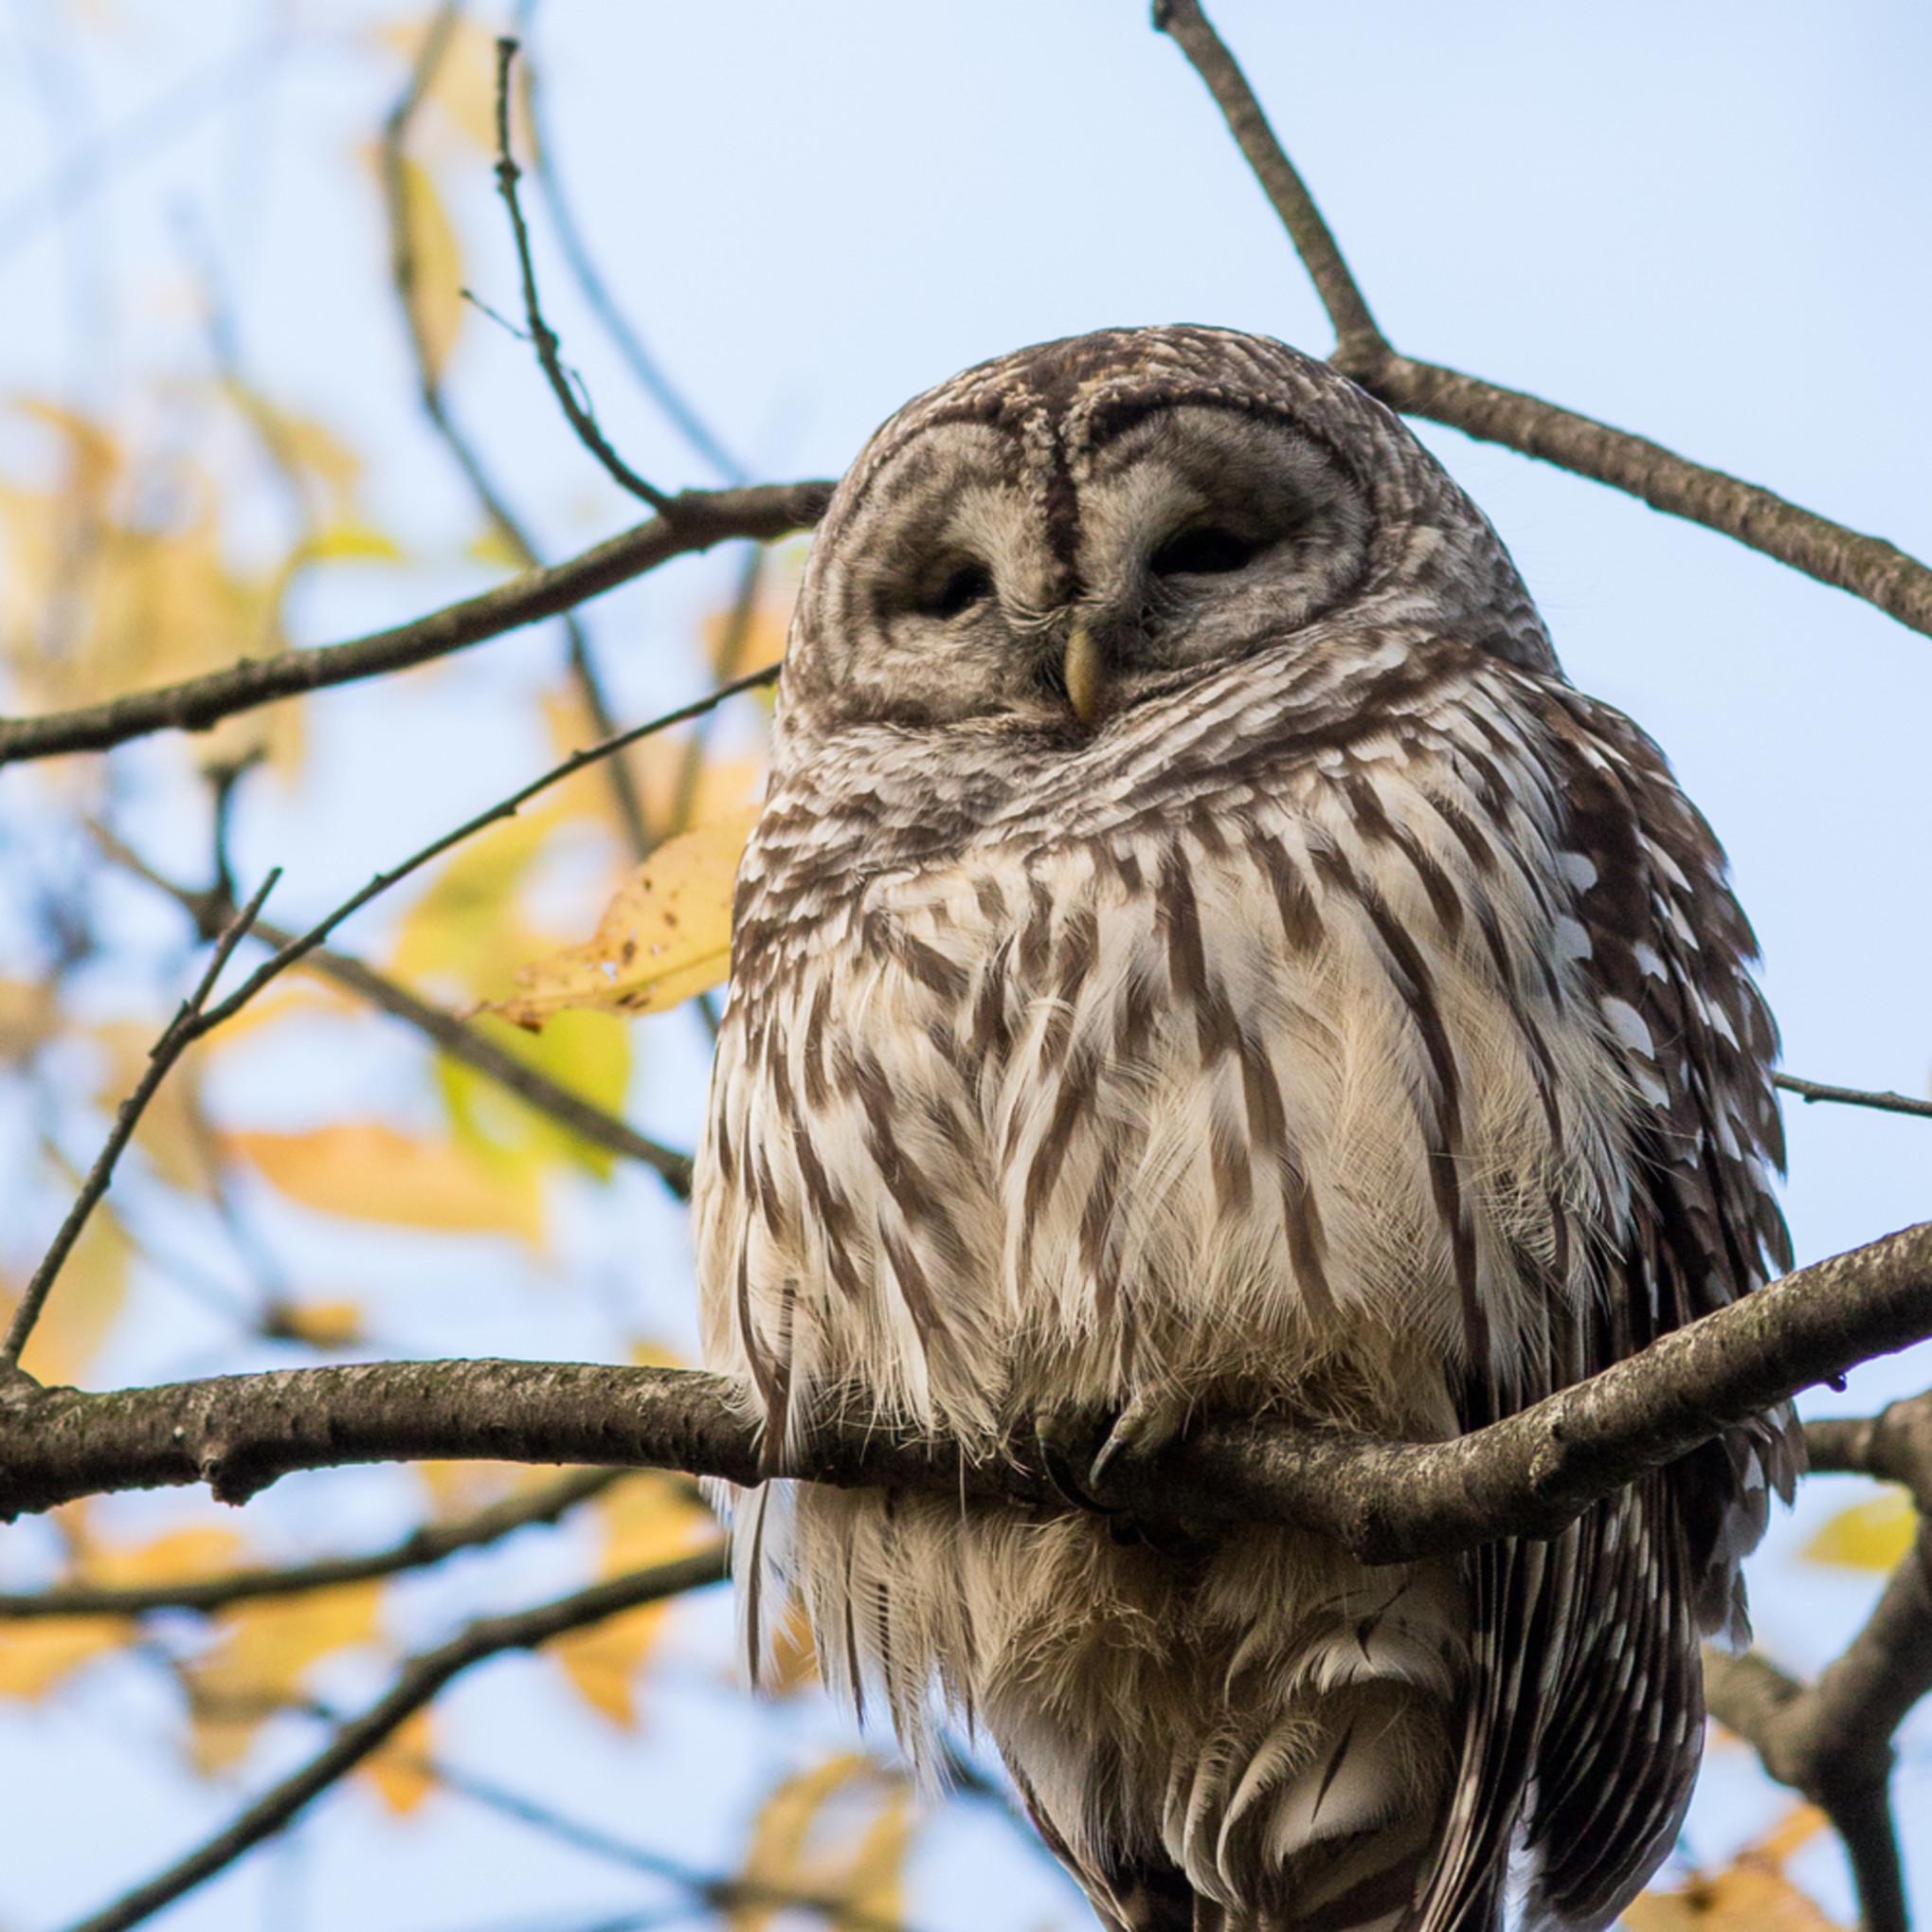 20161022 barred owl 00304 lxm9yf